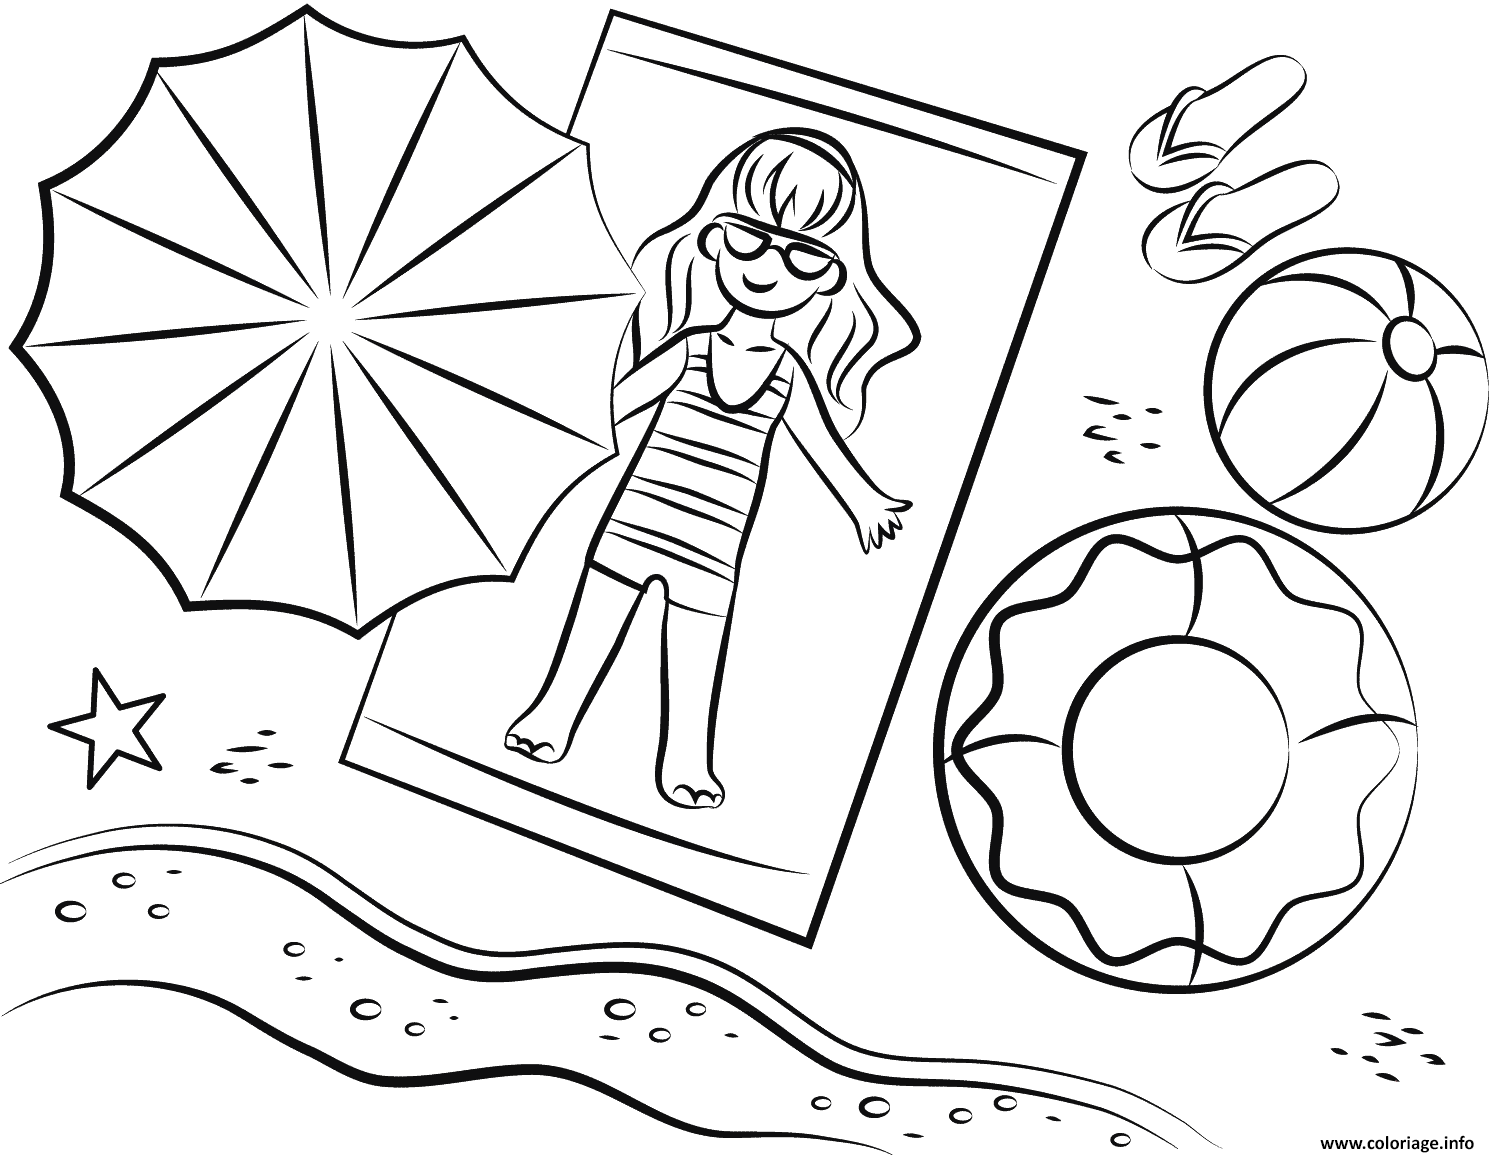 Coloriage plage bronsage en profitant du soleil dessin - Coloriage de plage ...